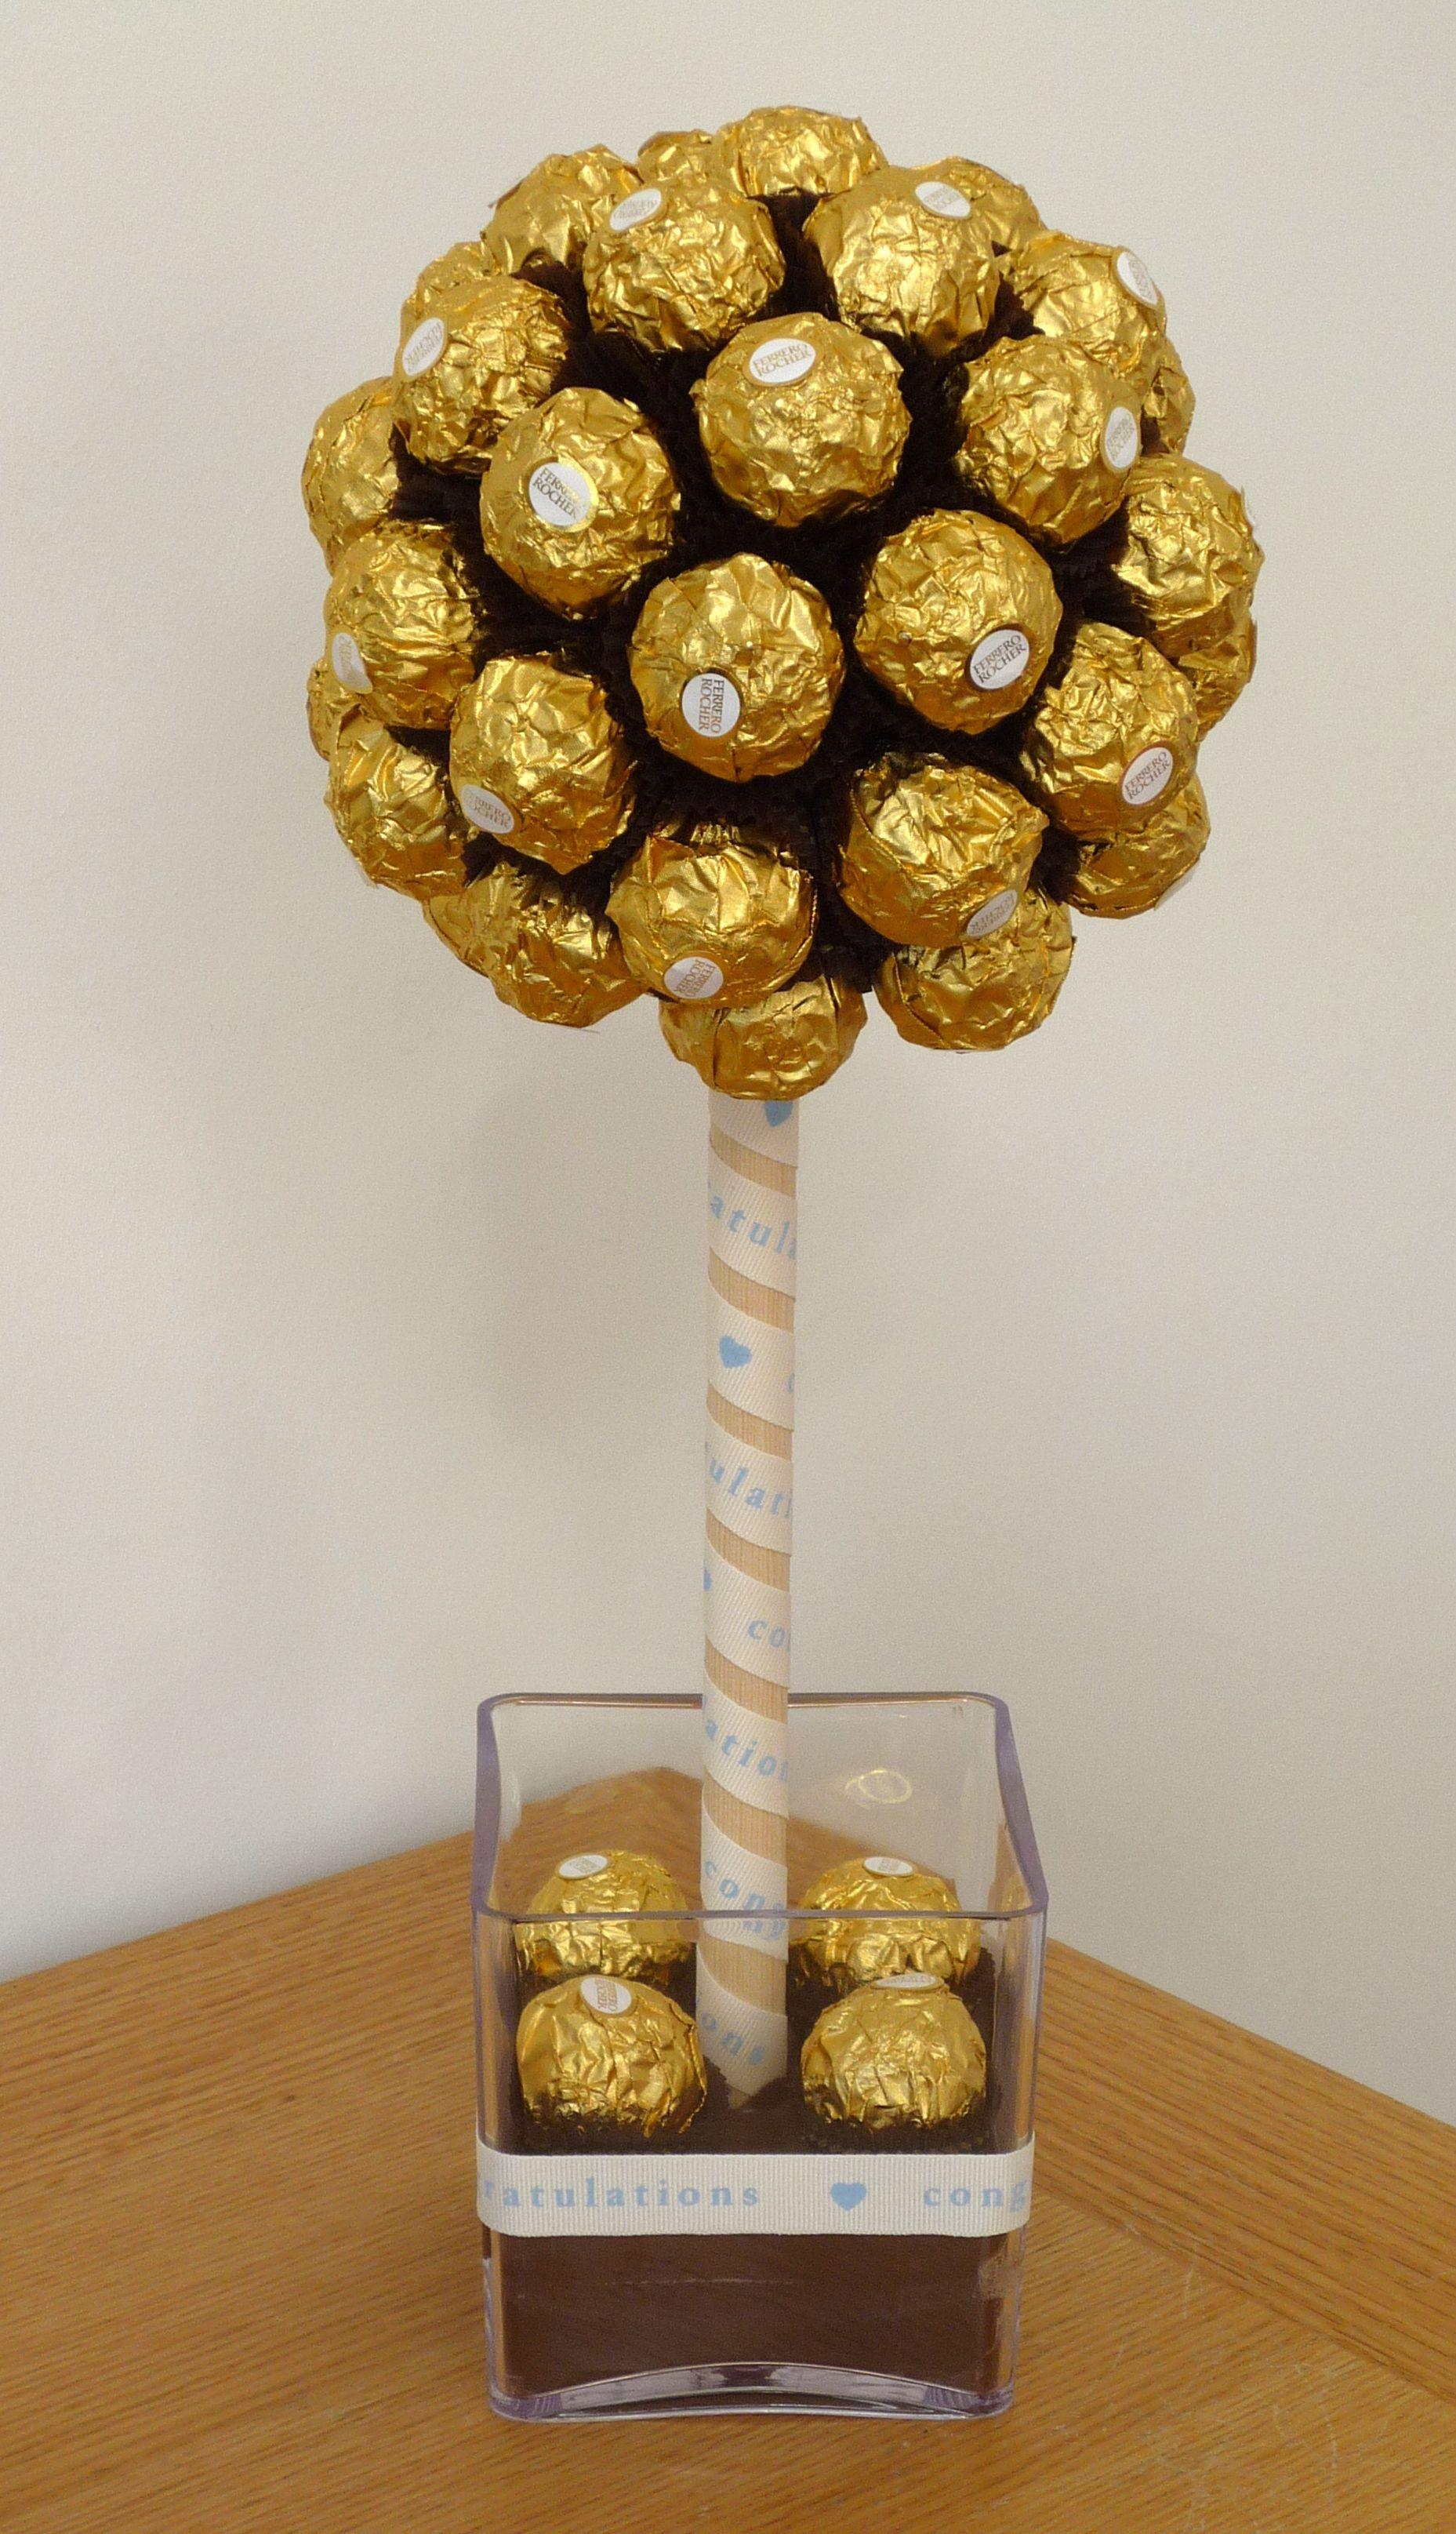 Ferrero Rocher Sweet Candy Tree By Sweetie Pots